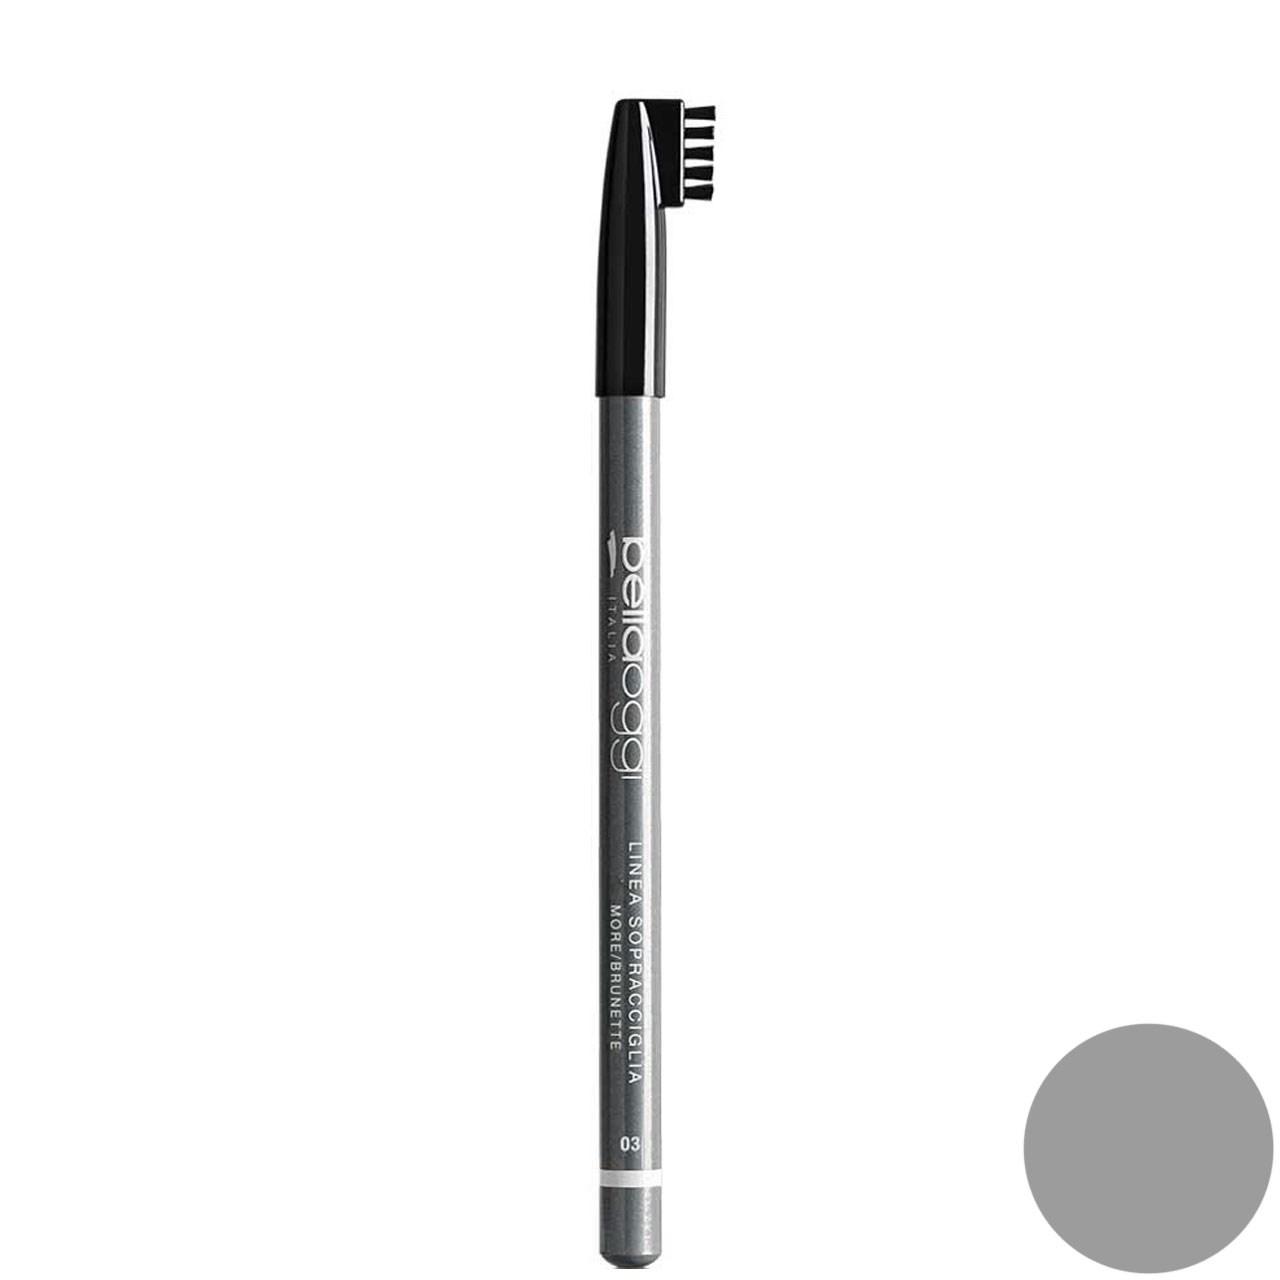 مداد ابرو بلاوجی مدل LINEA SOPRACCIGLIA شماره 03